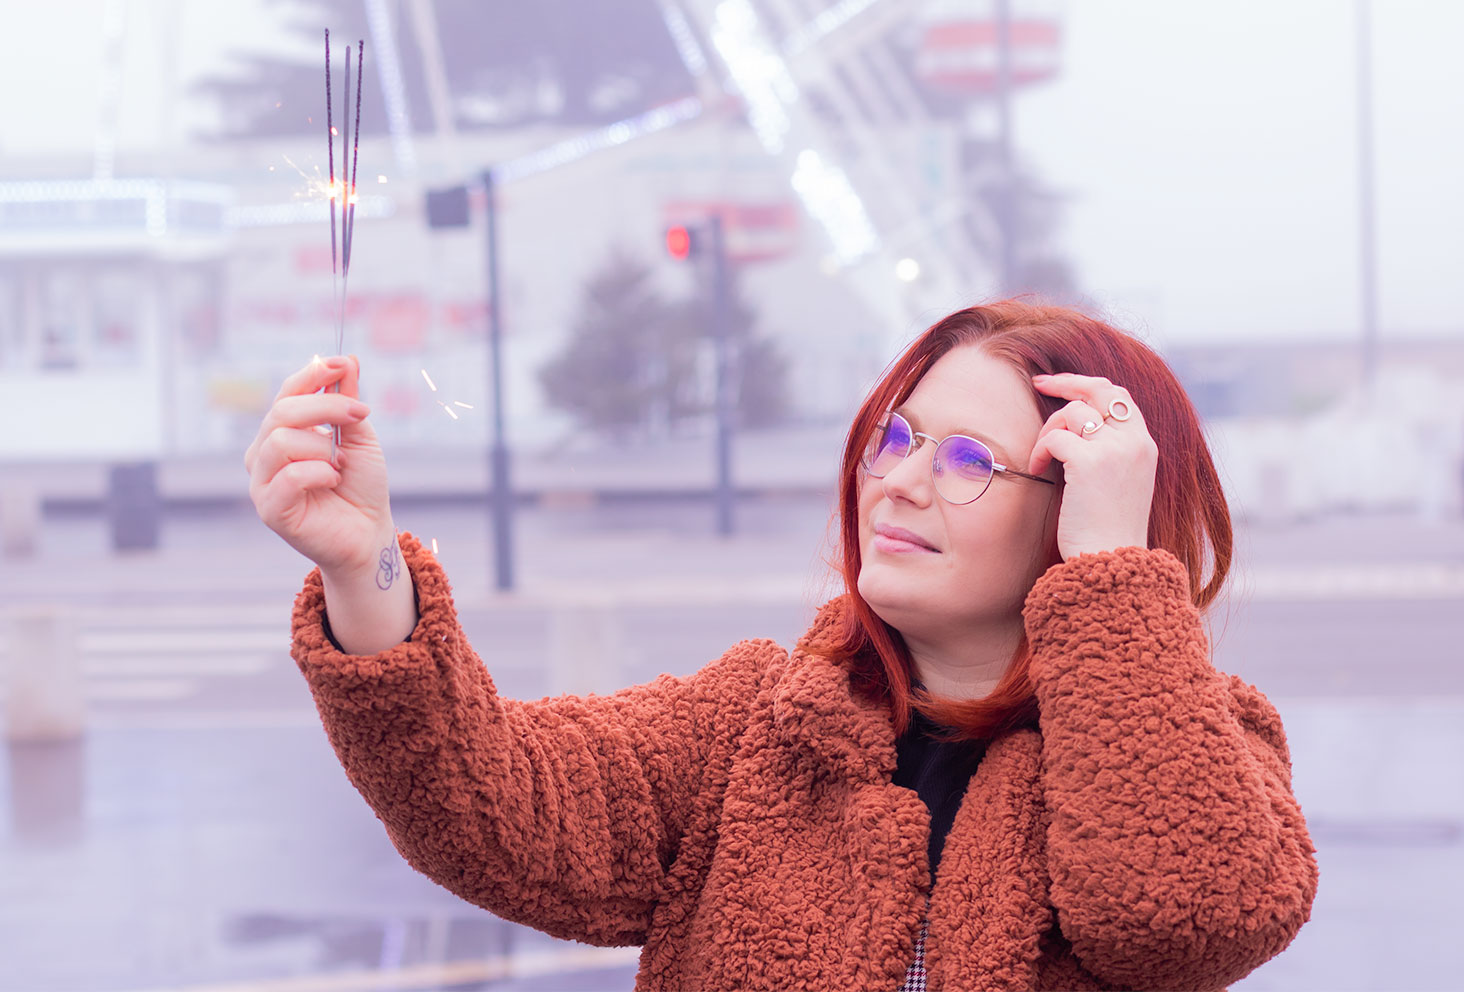 Devant des cierges magiques allumés pour fêter la nouvelle année, une main dans les cheveux en manteau moumoute